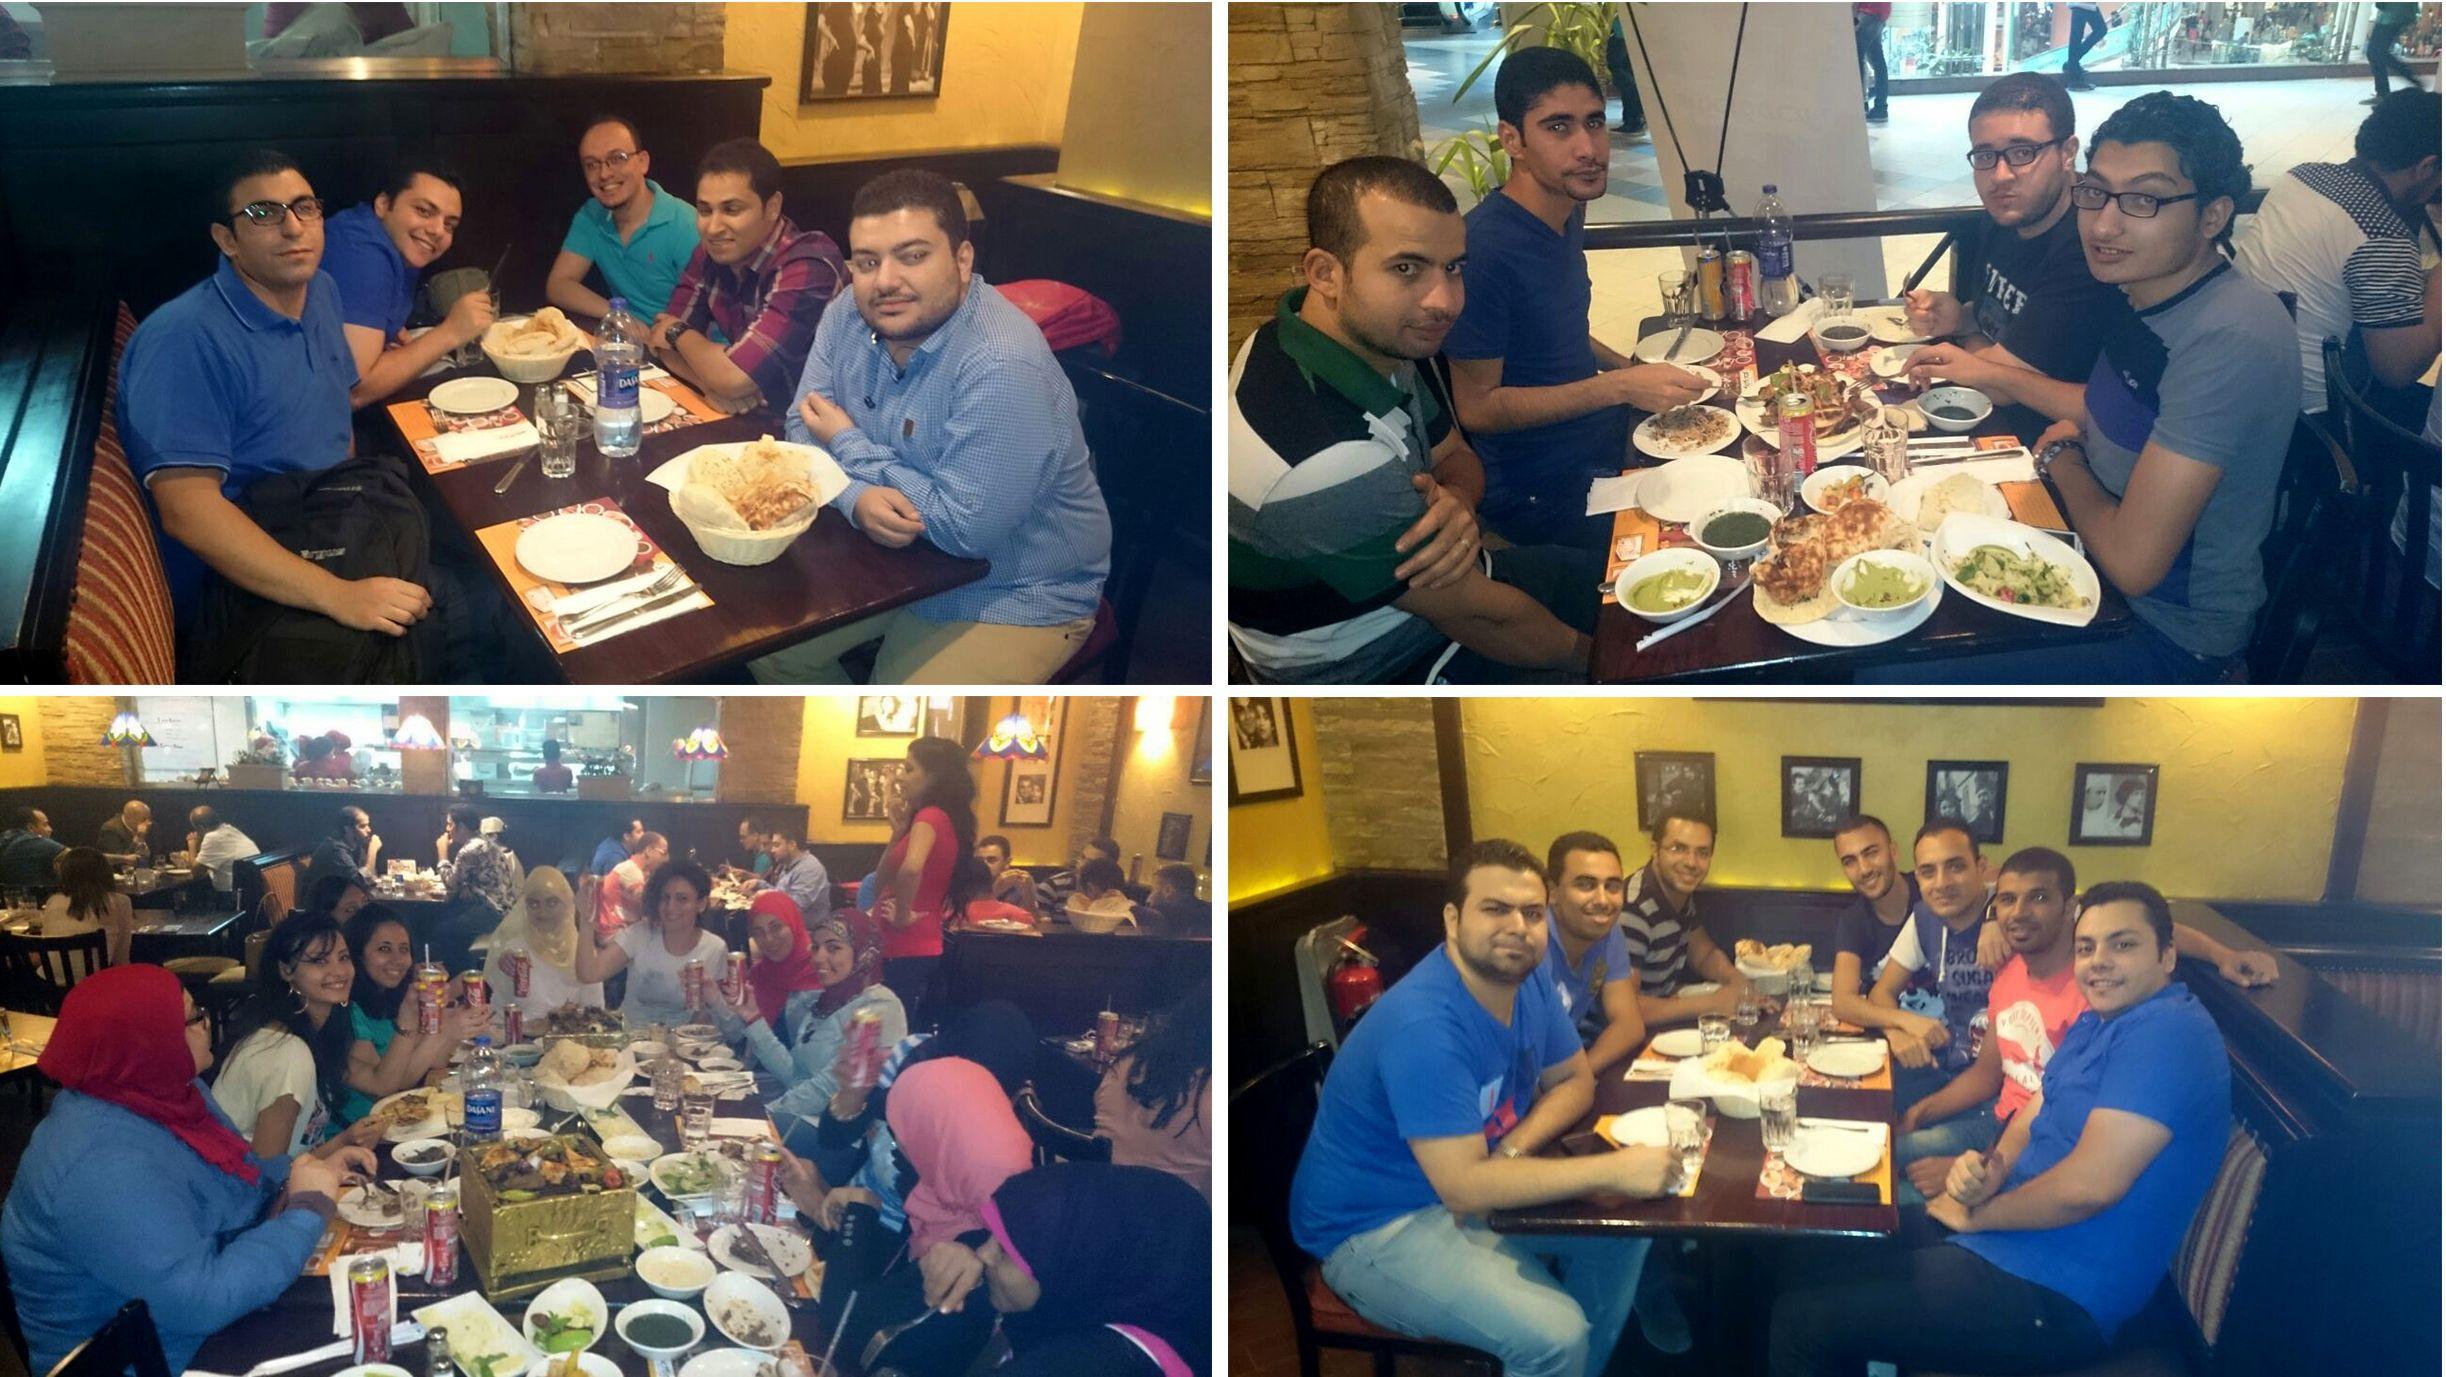 الديموفنفاوية فى مطعم ستوديو مصر